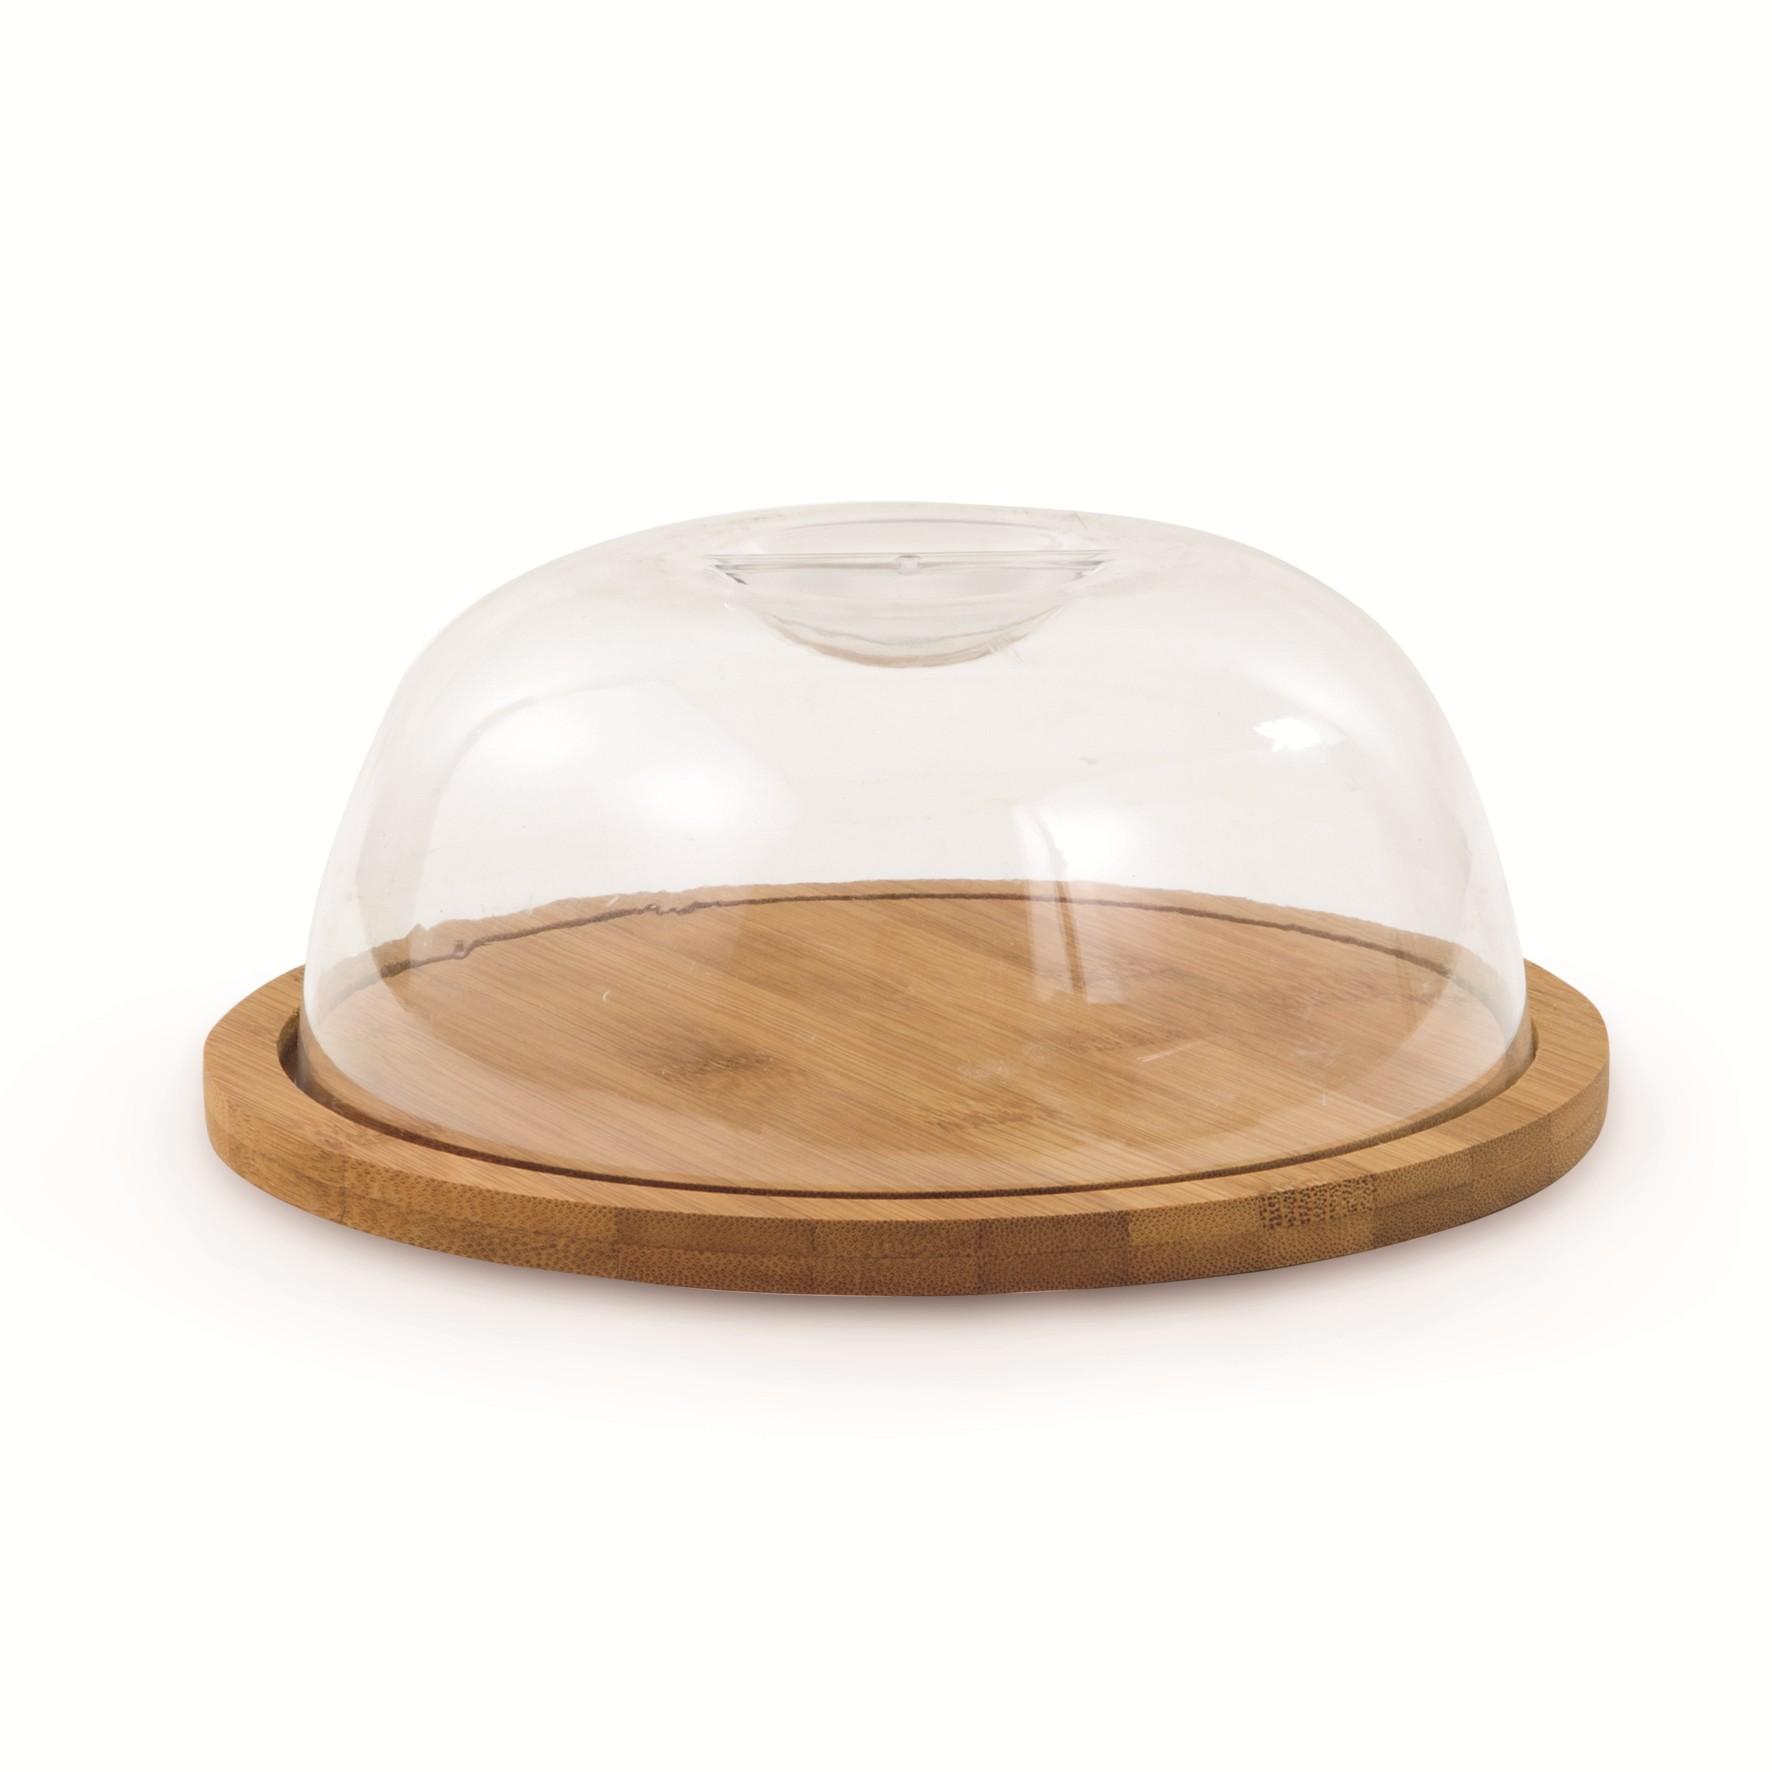 Porta-queijo Bambu e Plastico 19cm - Mimo Style